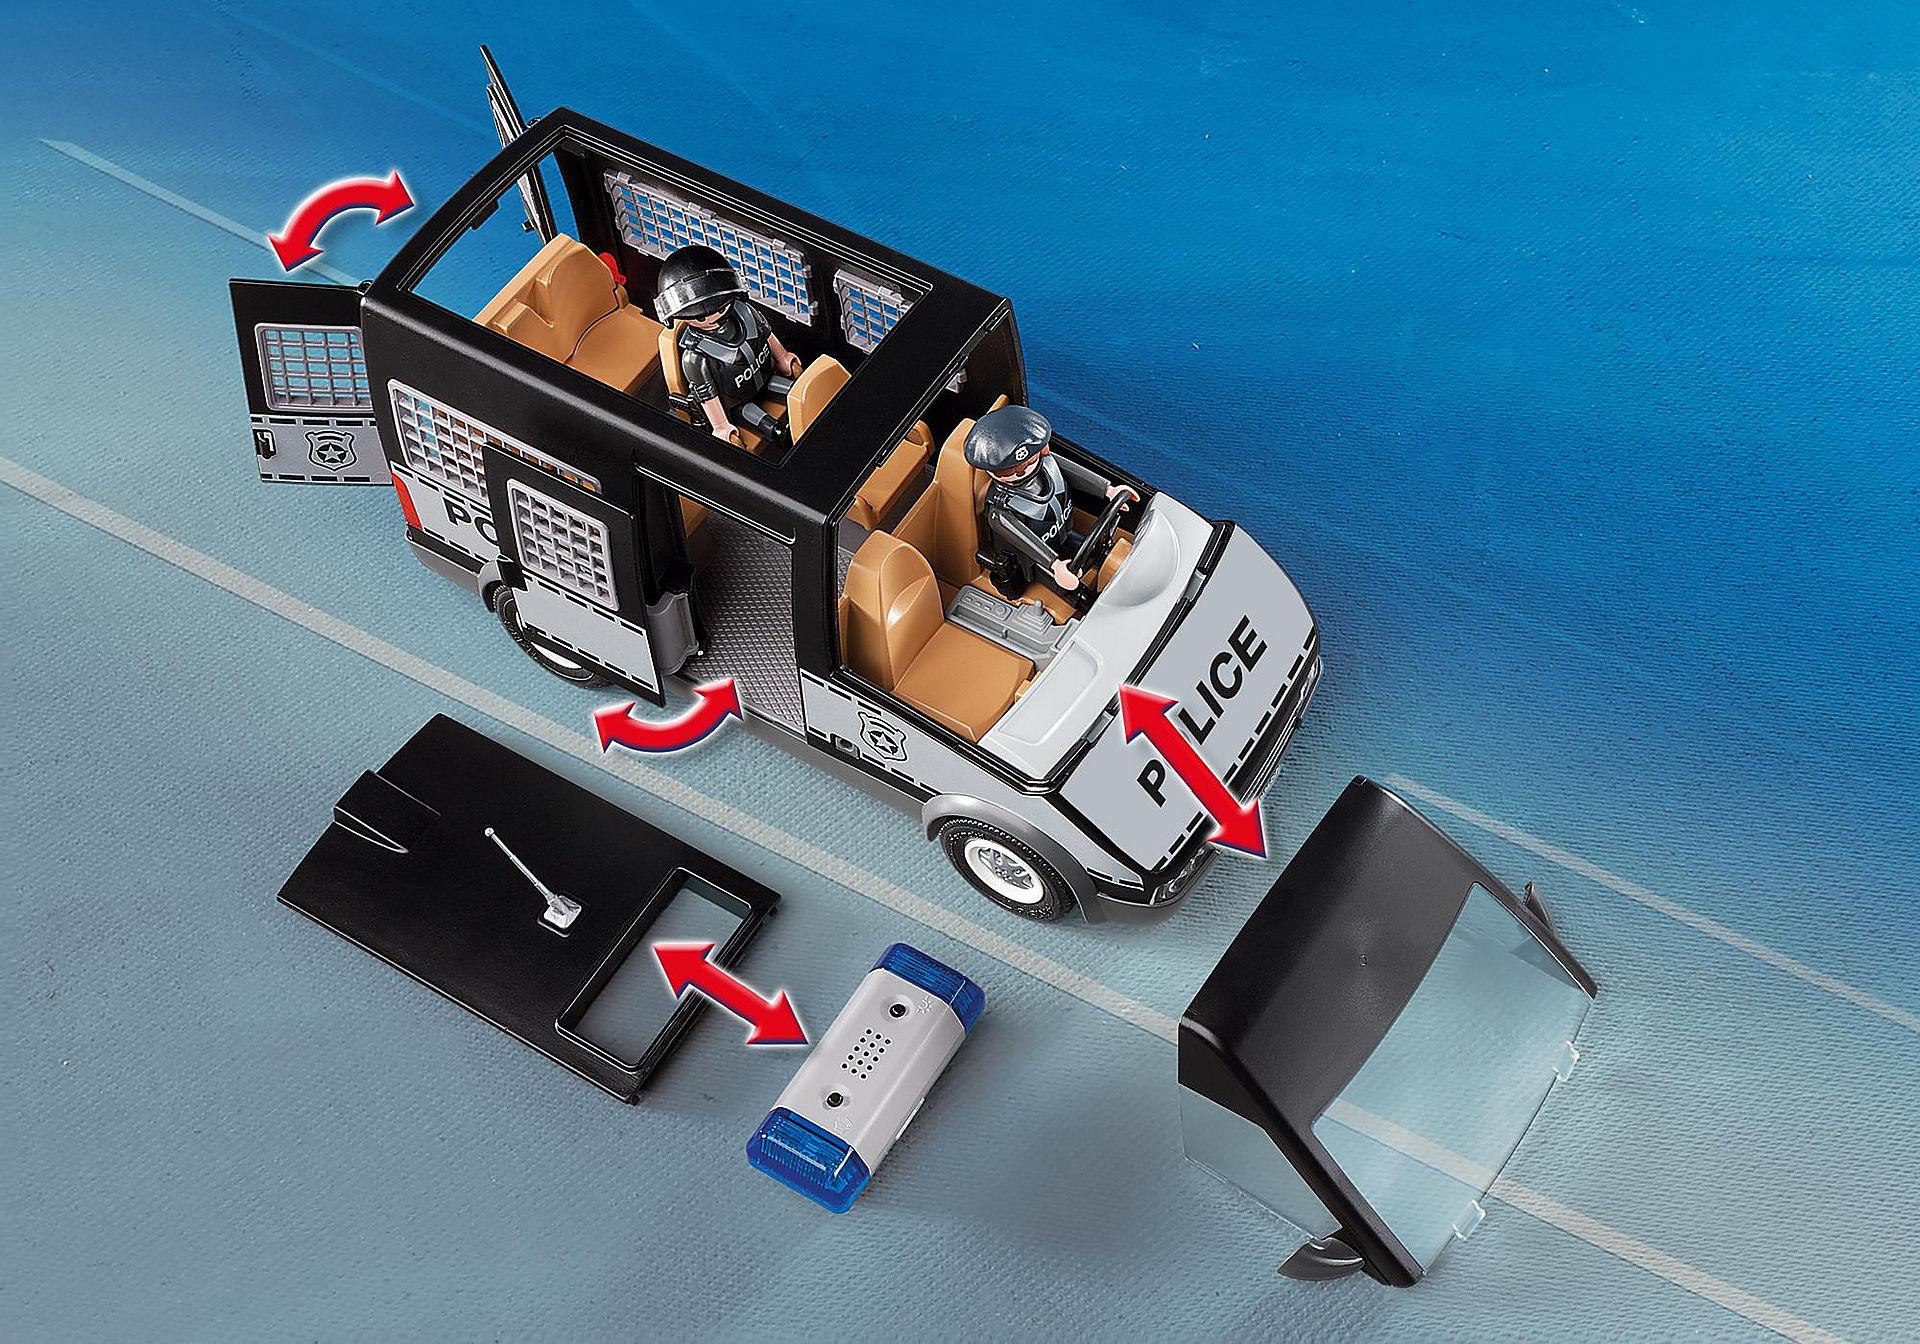 http://media.playmobil.com/i/playmobil/6043_product_extra2/Polizei-Mannschaftswagen mit Licht und Sound